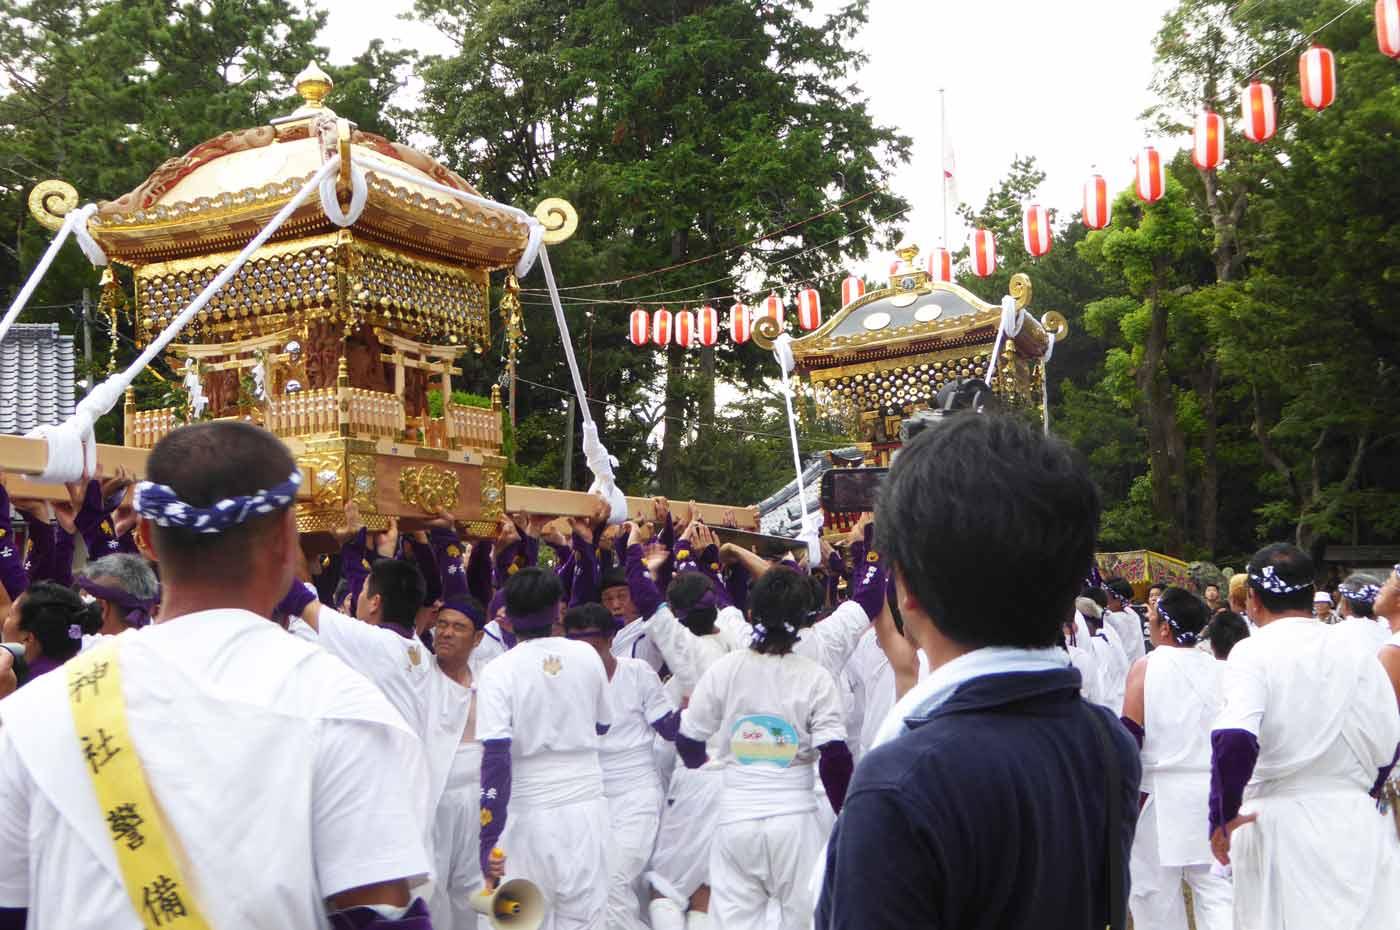 子安神社と手力雄神社の神輿のの画像